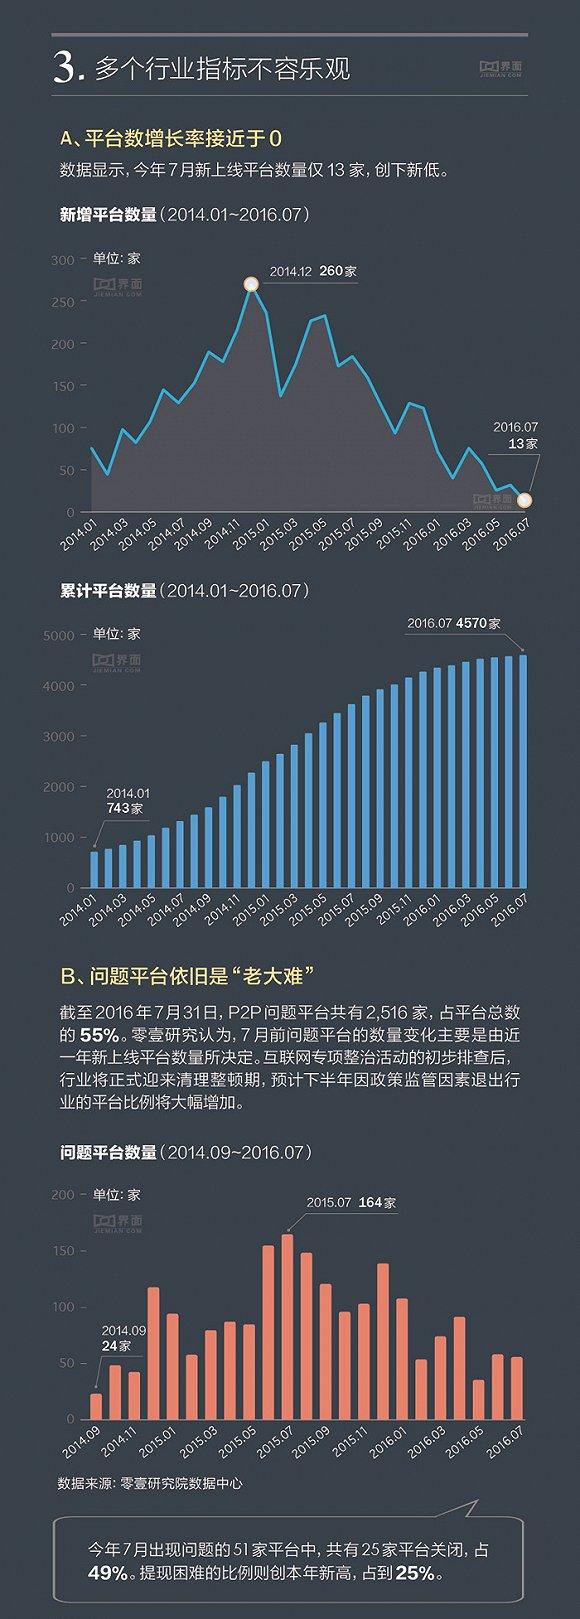 【信息图】P2P平台增长陷入停滞 两极分化现象严重